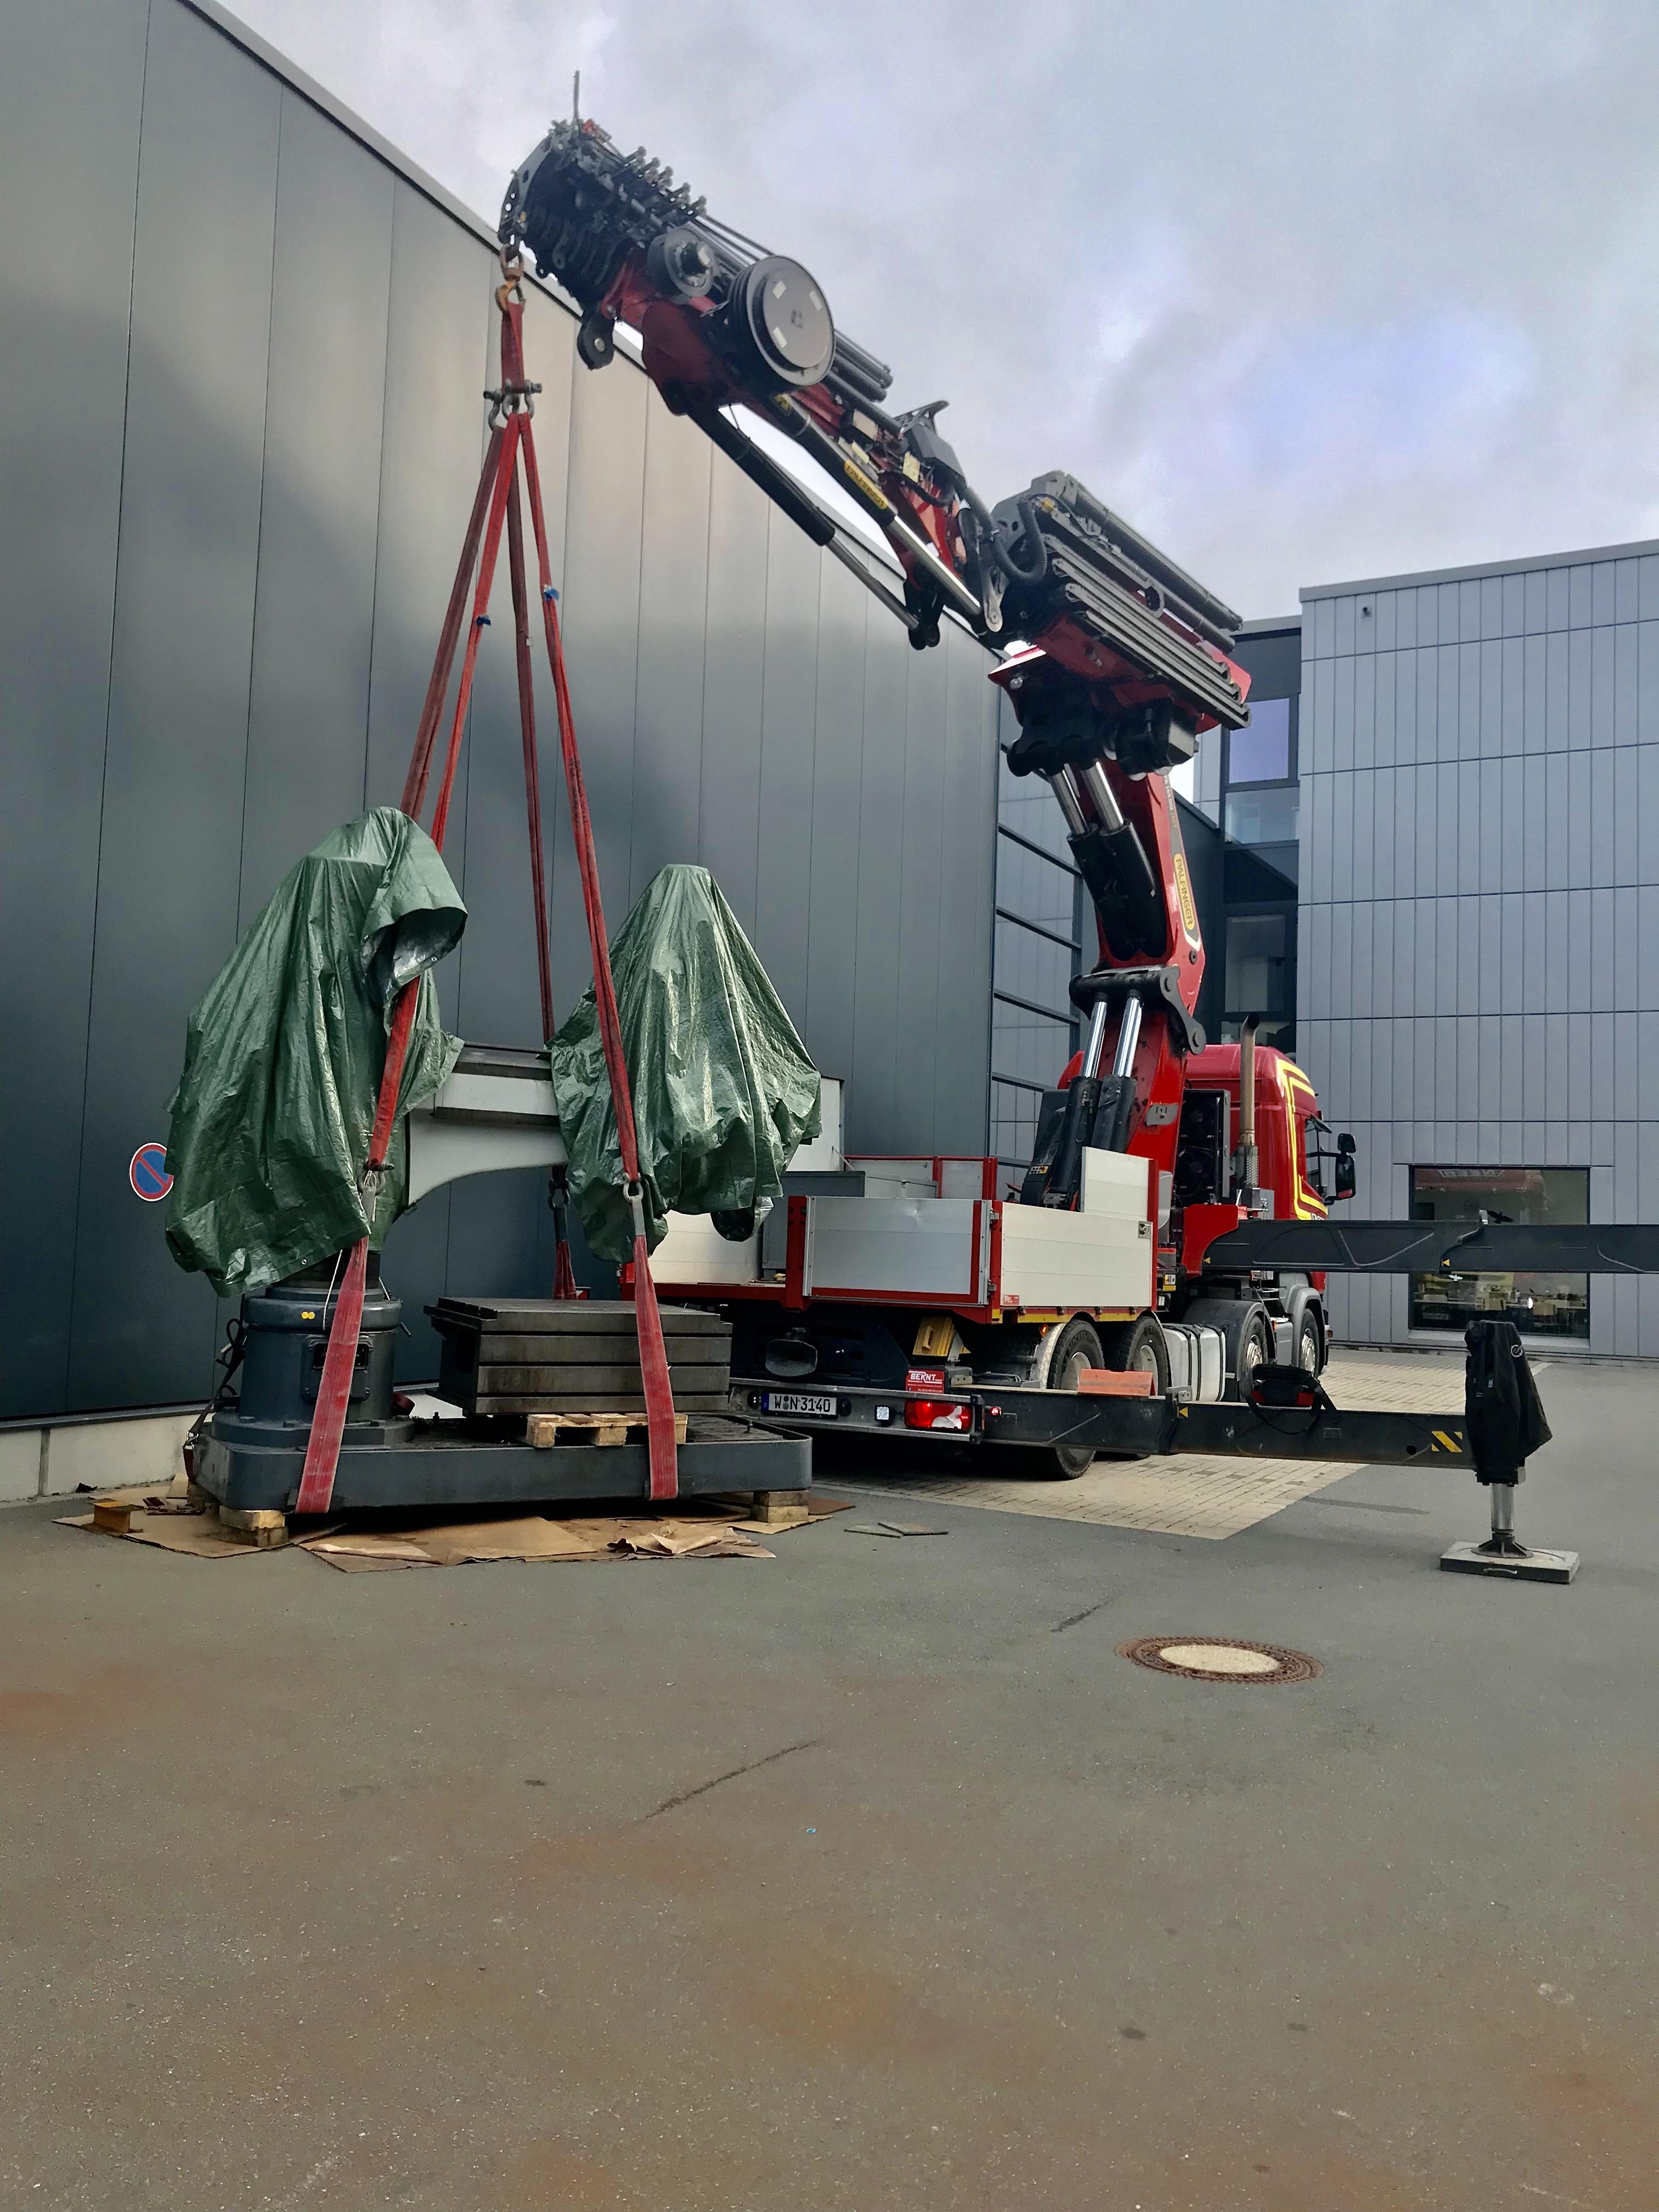 Grimmert-Recycling - Maschinentransport |Zerlegung und Transport von Industrieanlagen